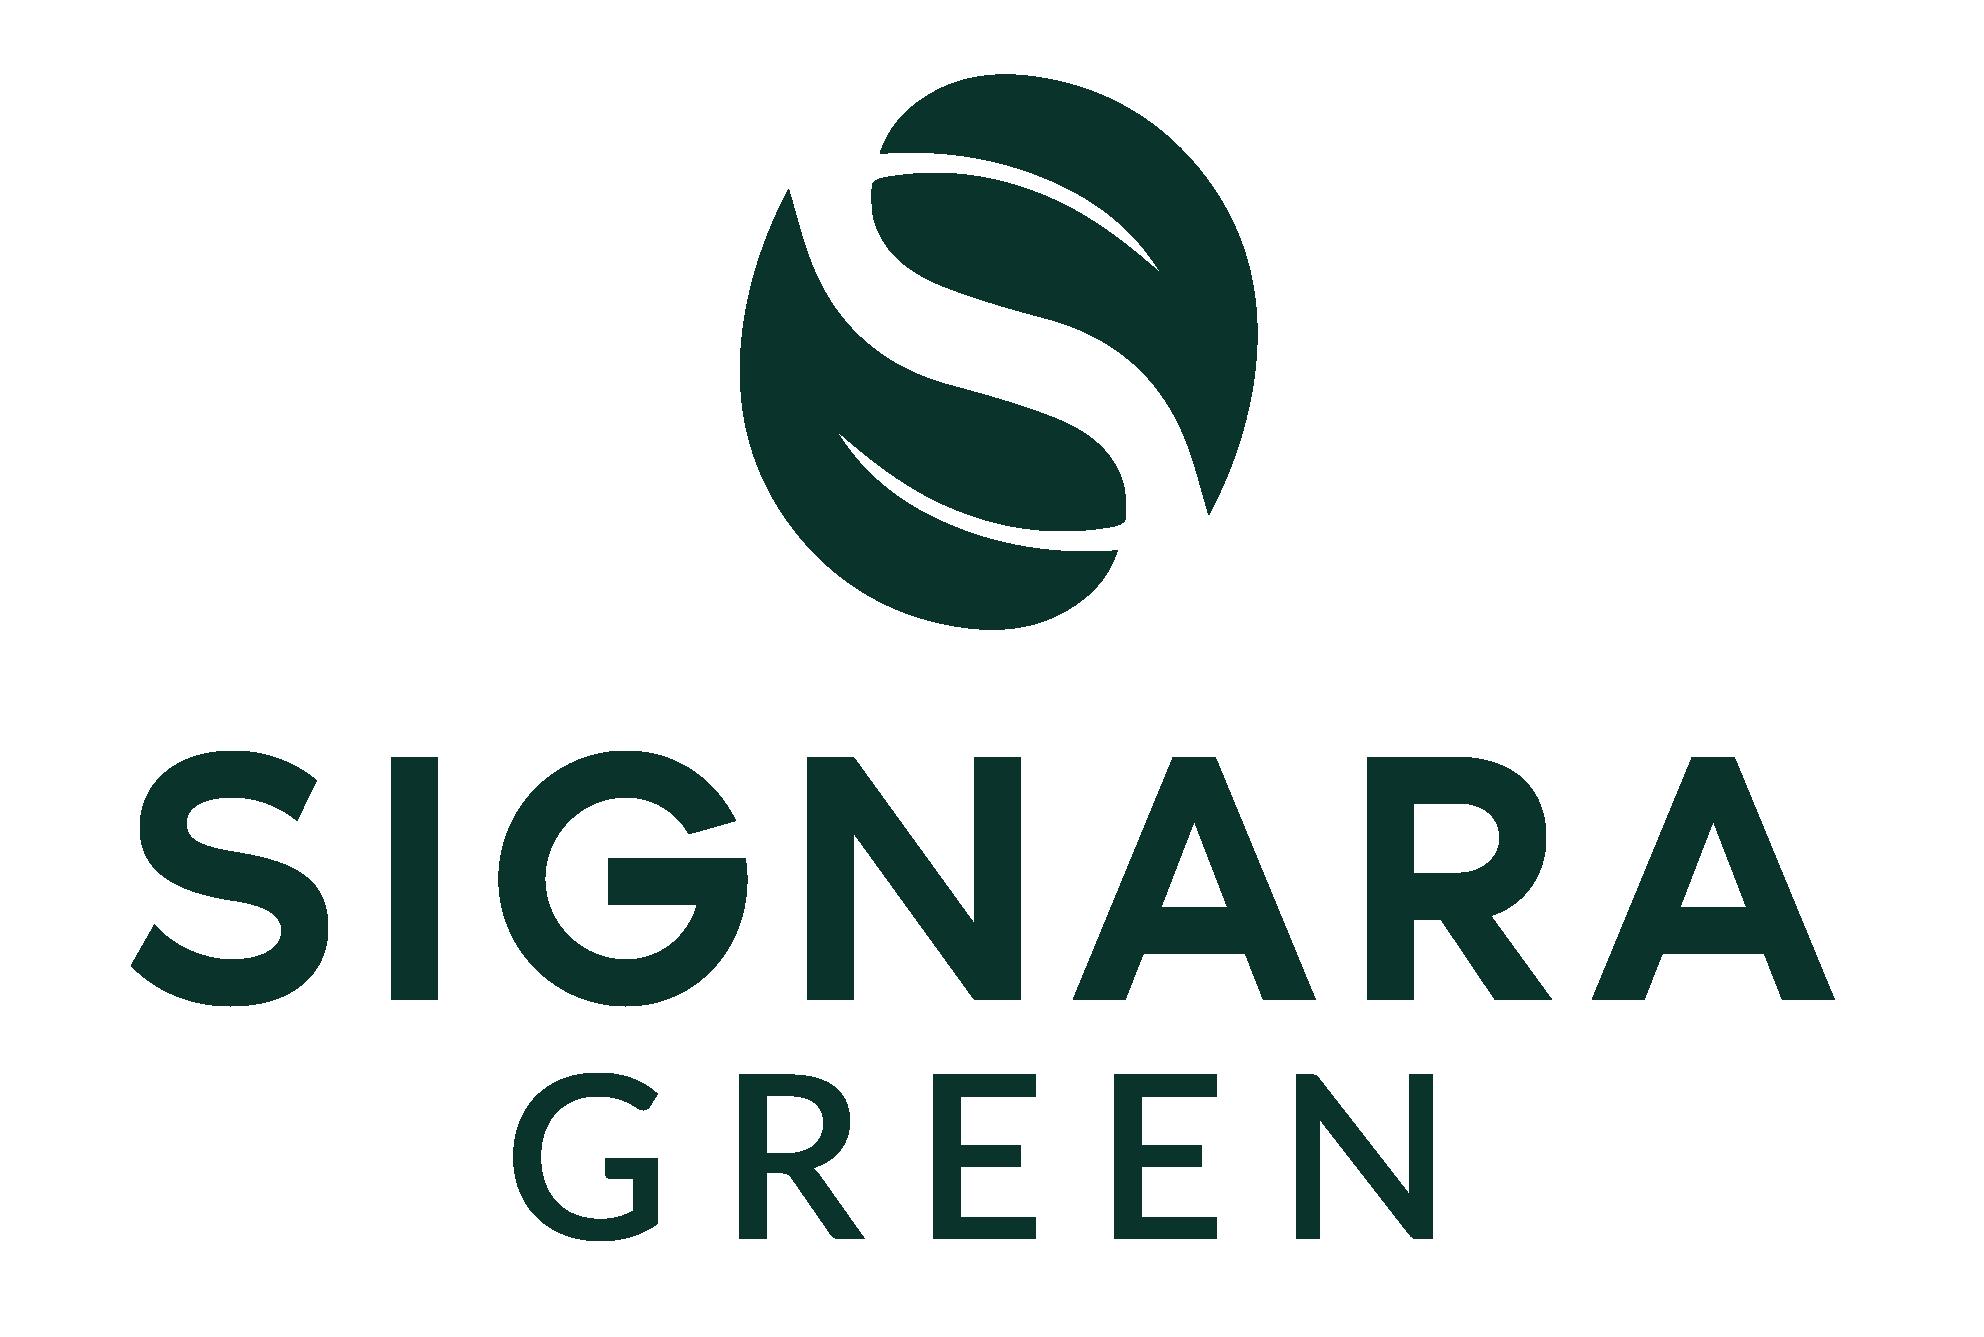 signara green and real-01